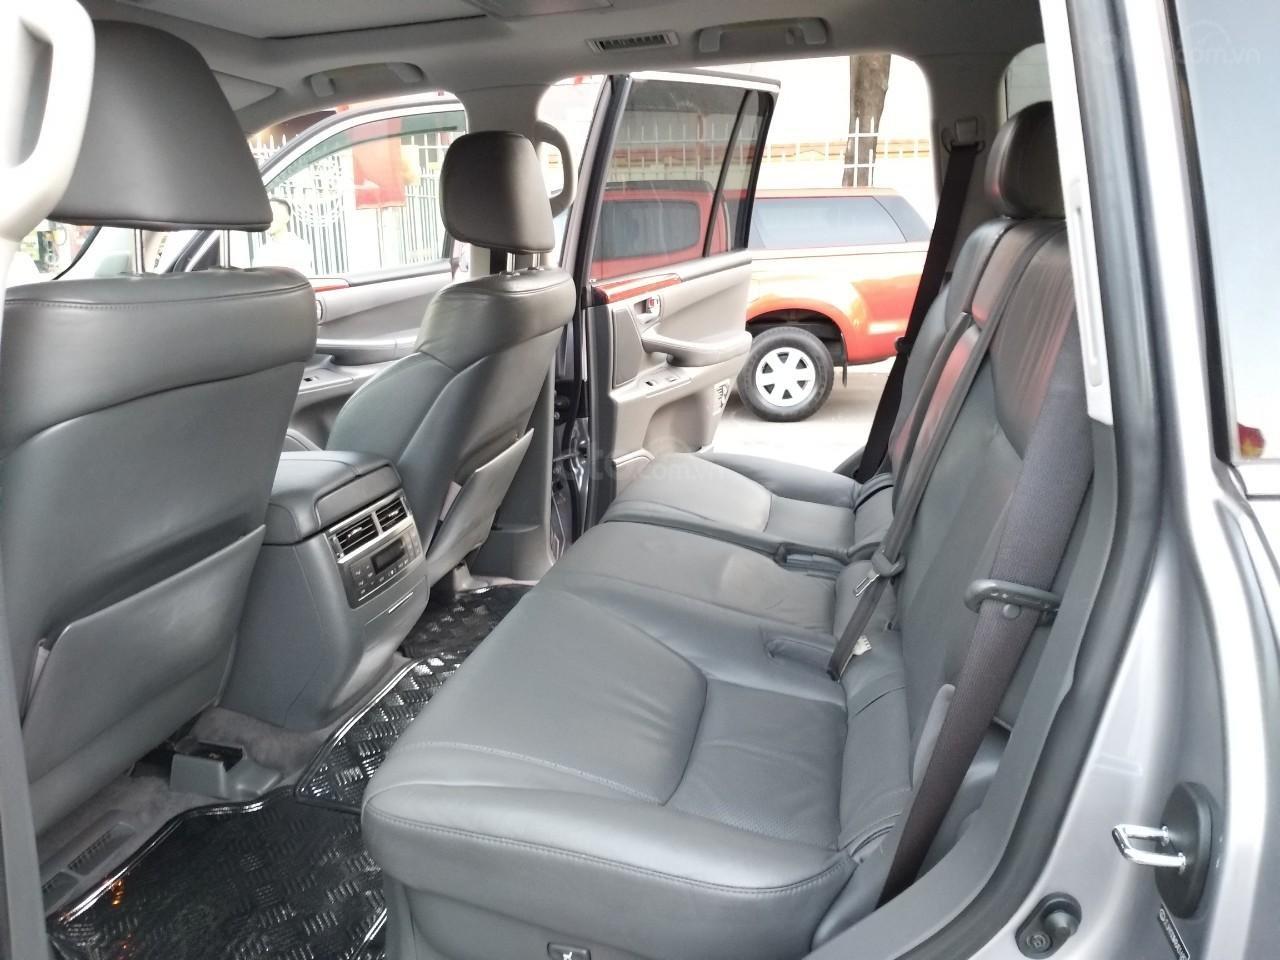 Lexus LX 570 model 2009, màu bạc, nhập khẩu, toàn bộ còn zin theo xe, cực mới, 2 tỷ 320 triệu-4